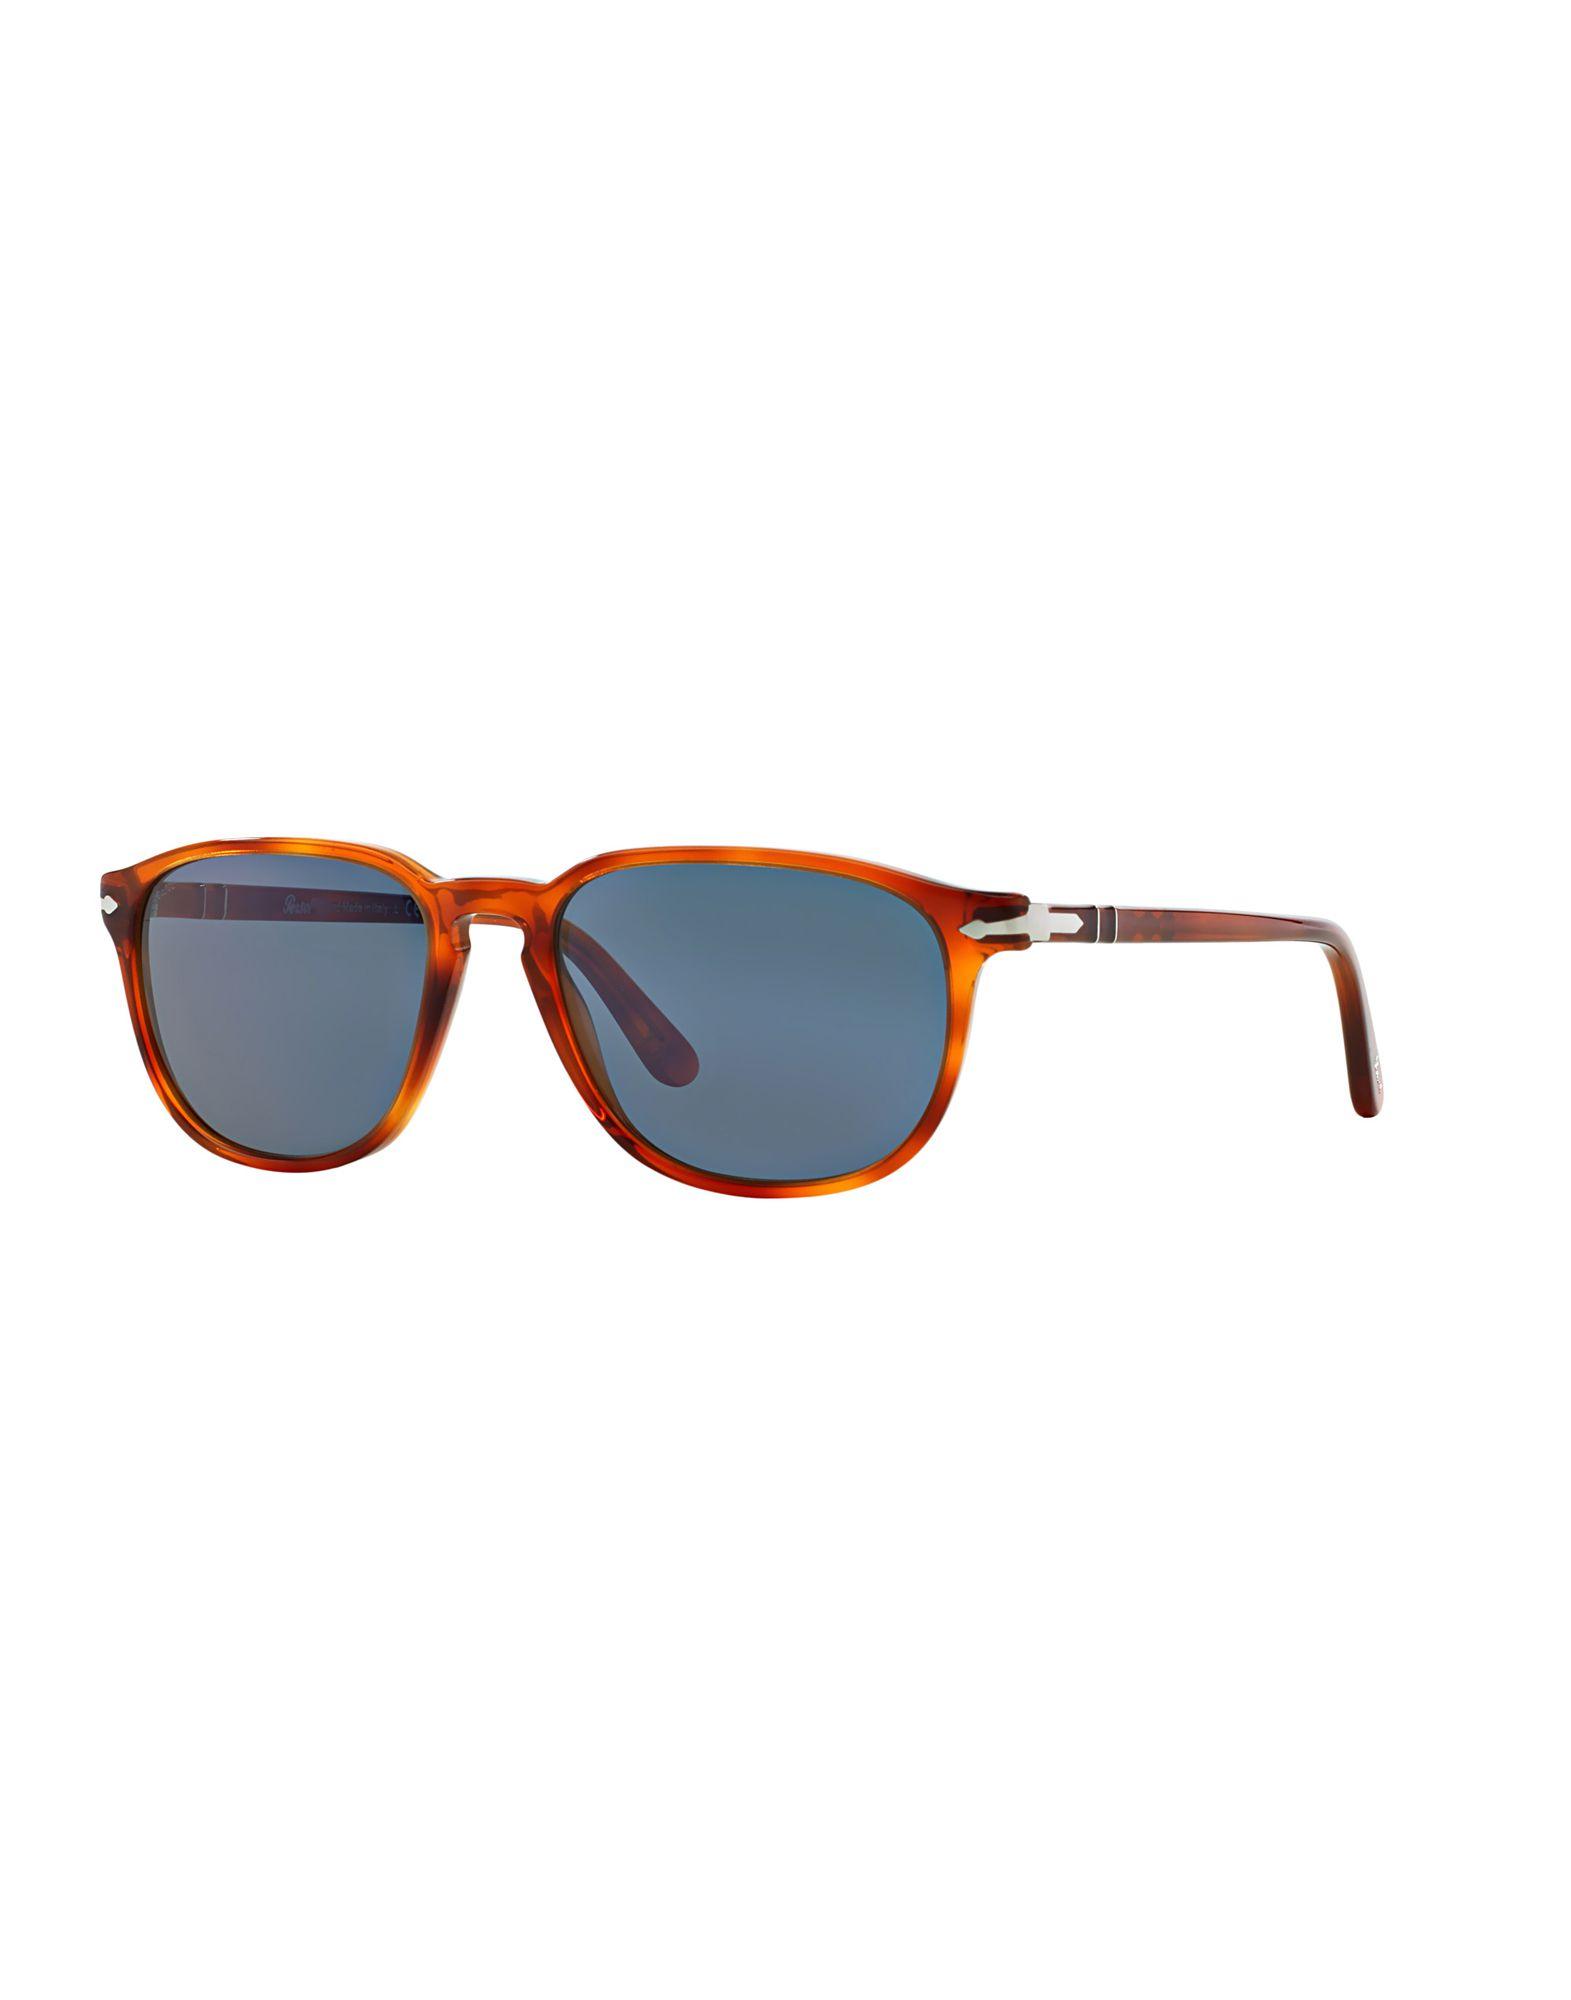 PERSOL Unisex Sonnenbrille Farbe Braun Größe 1 jetztbilligerkaufen